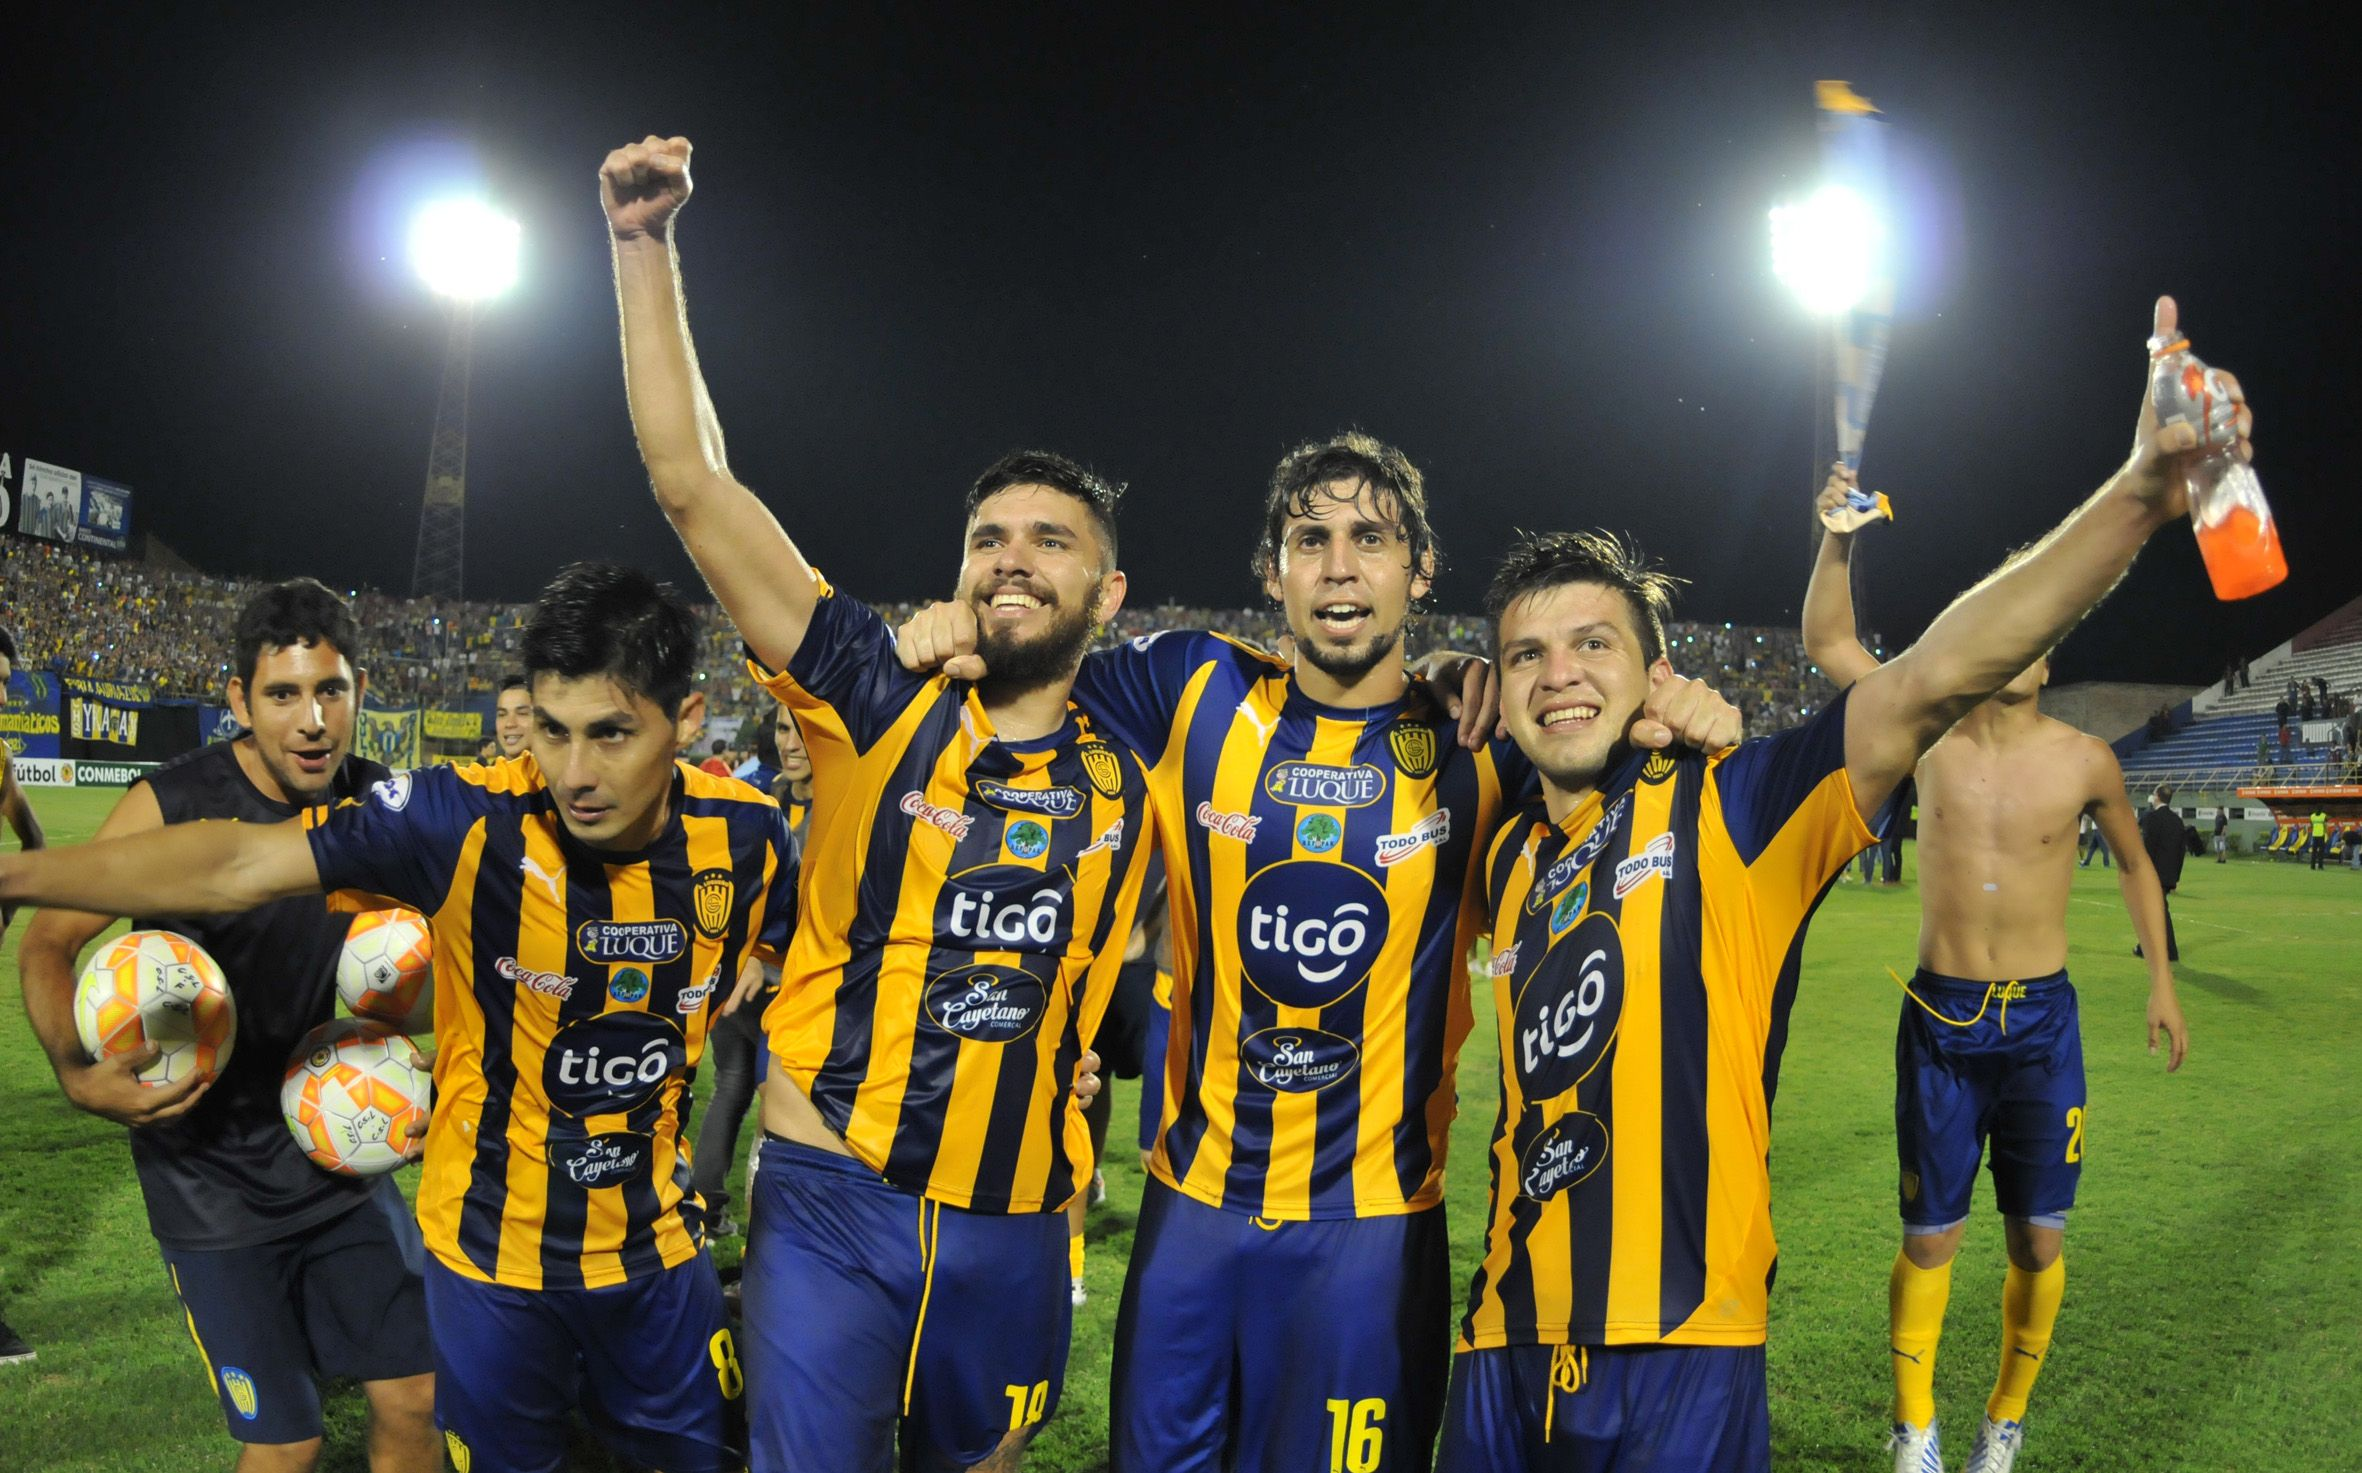 Año 2015: Sportivo Luqueño hacia historia tras vencer en cuartos de final a Athlético Paranaense.